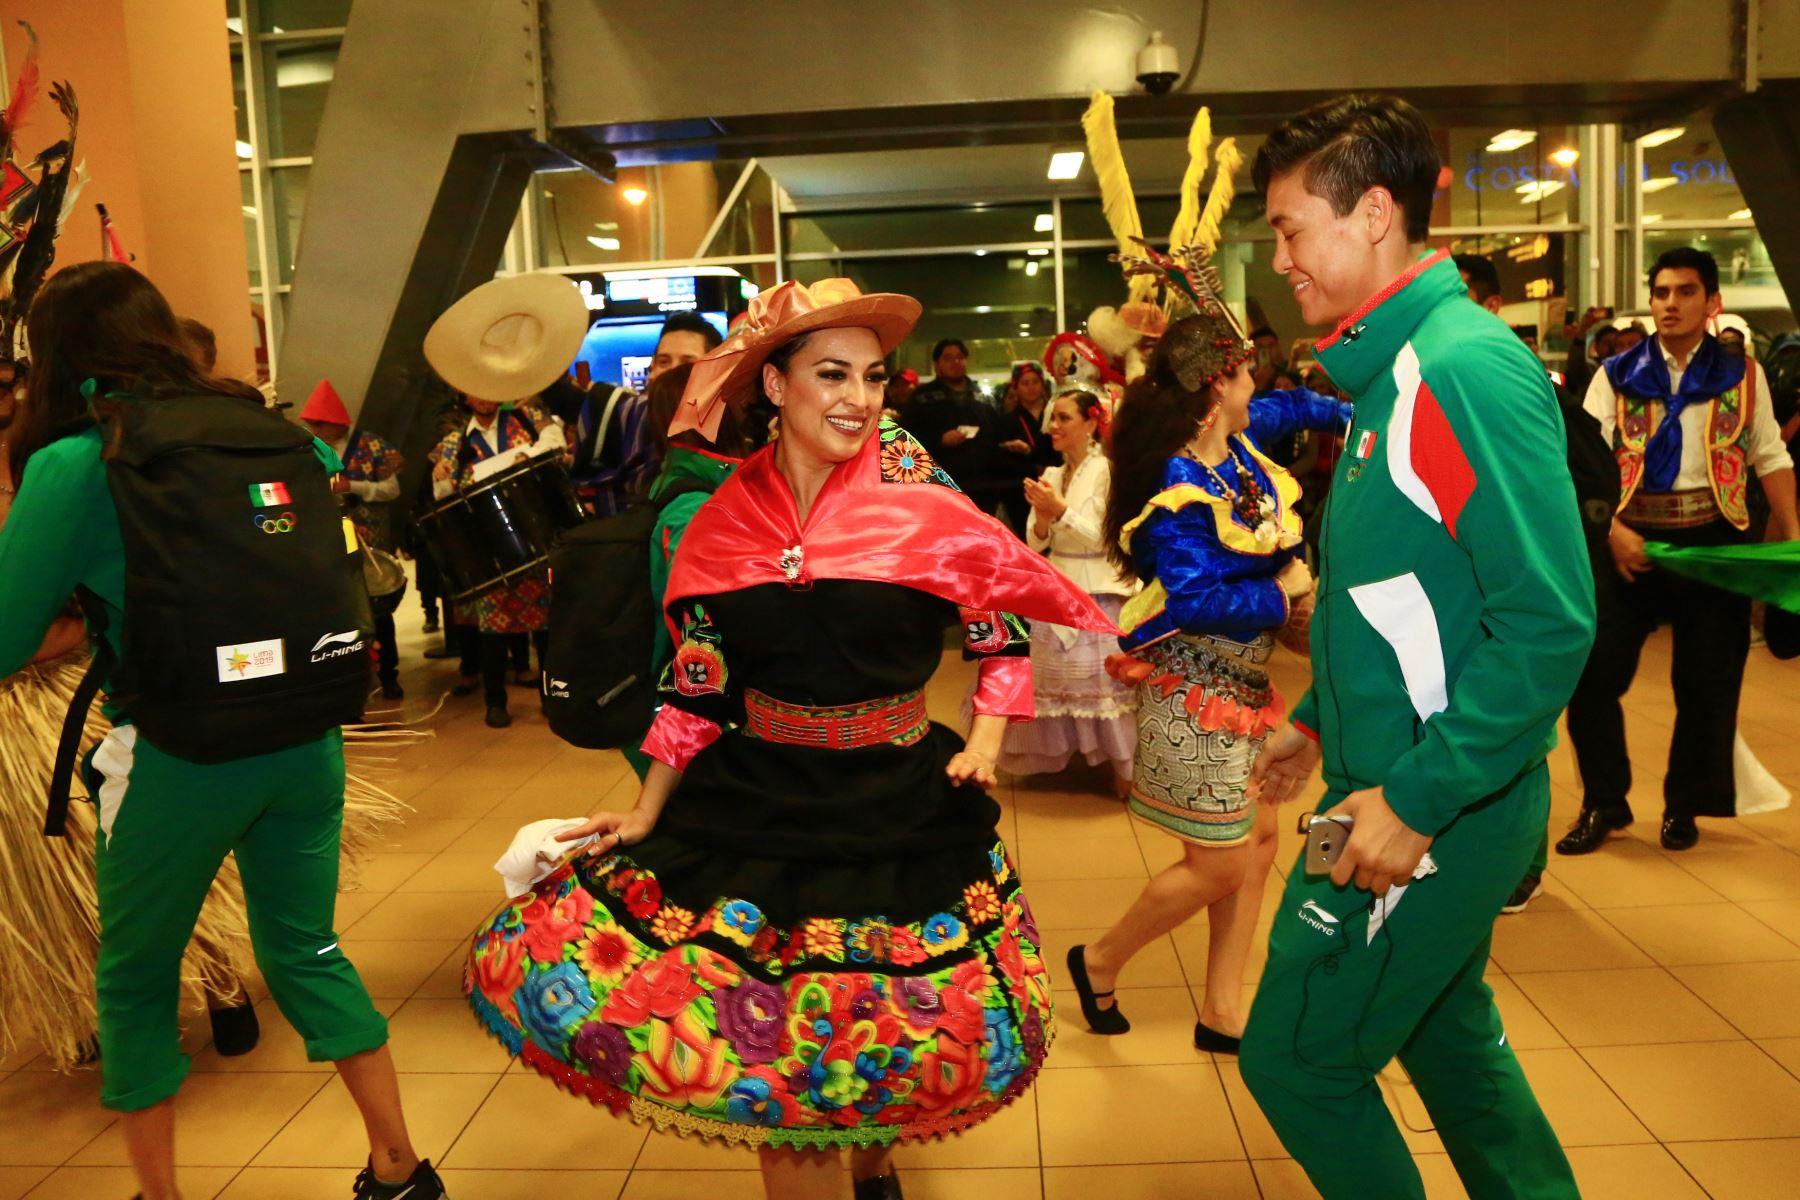 Alcalde de Lima, Jorge Muñoz recibe en el aeropuerto Jorge Chavez a la delegación mexicana que participará  en los XVIII Juegos Panamericanos y Juegos Parapanamericanos. Foto: ANDINA/Pedro Cardenas